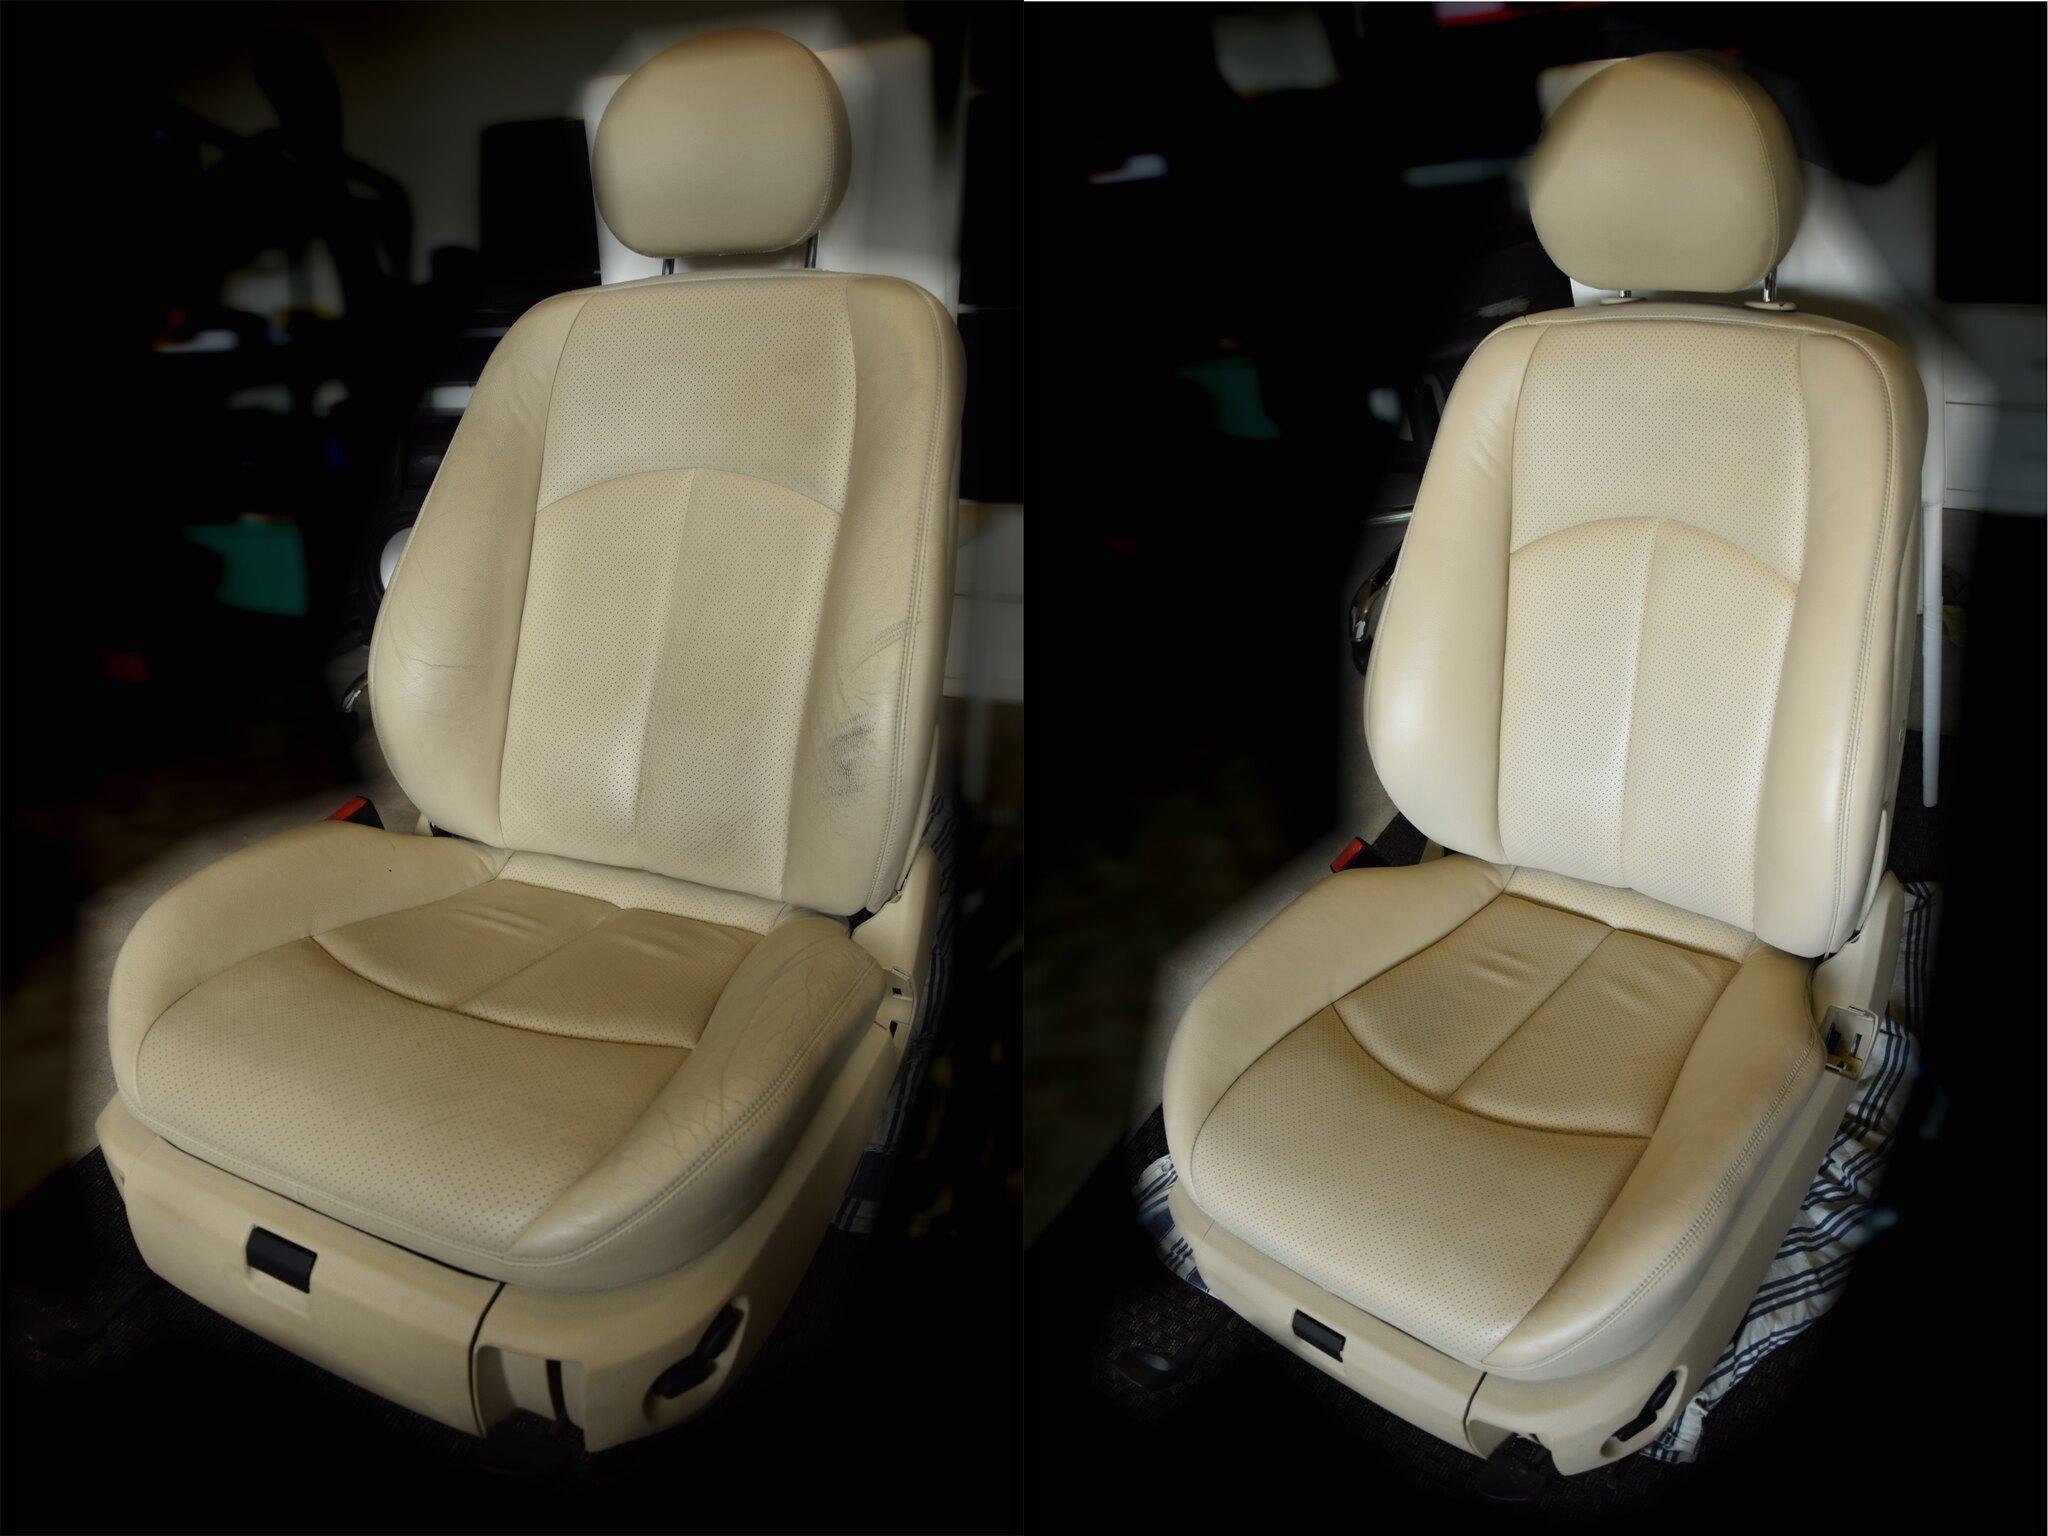 mercedes benz forum leather seat color. Black Bedroom Furniture Sets. Home Design Ideas